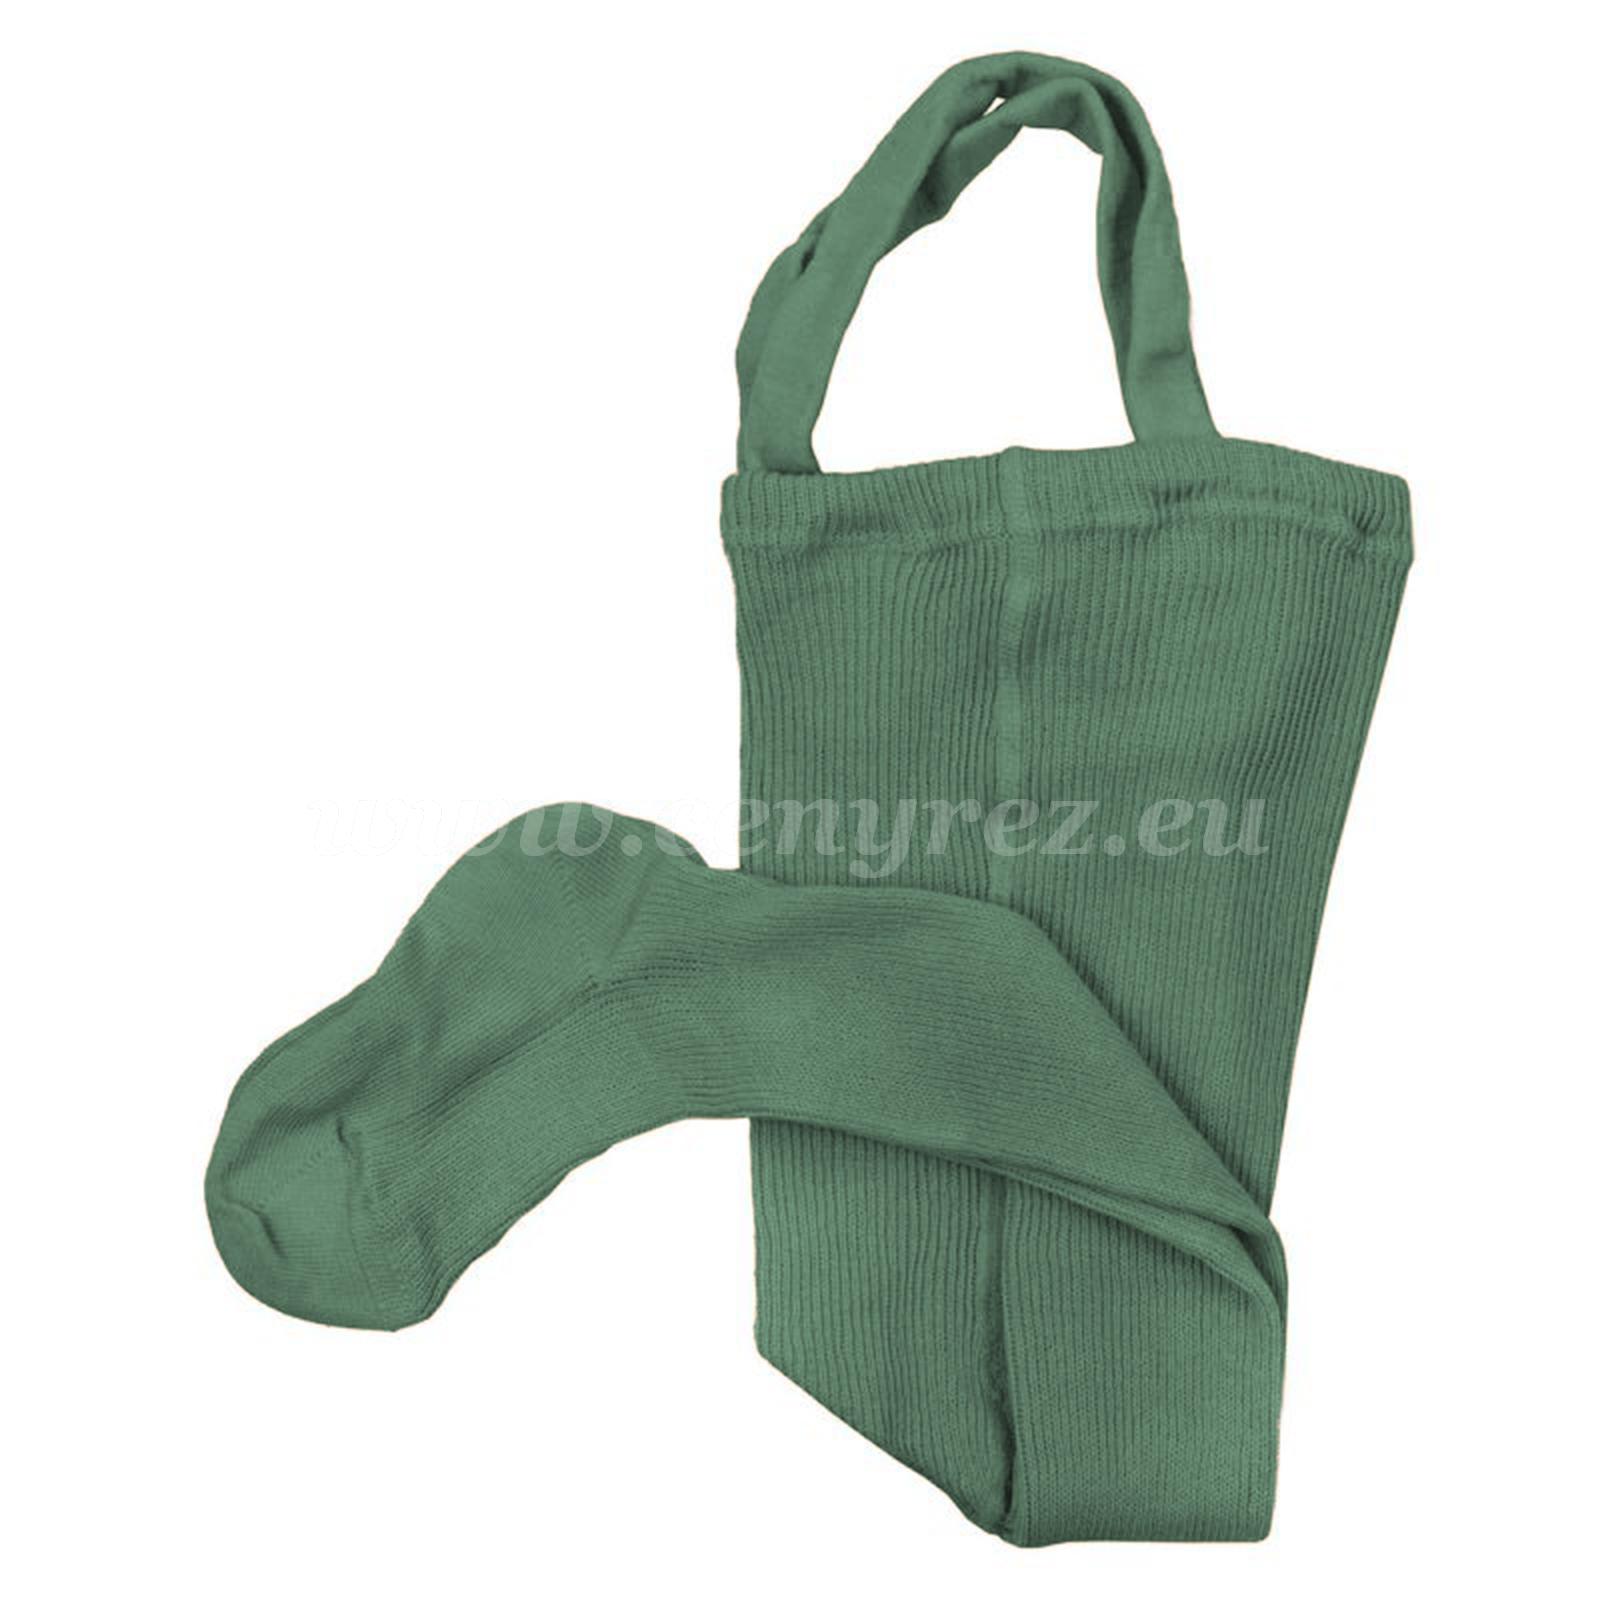 DUCIKA punčocháče se šlemi - zelená